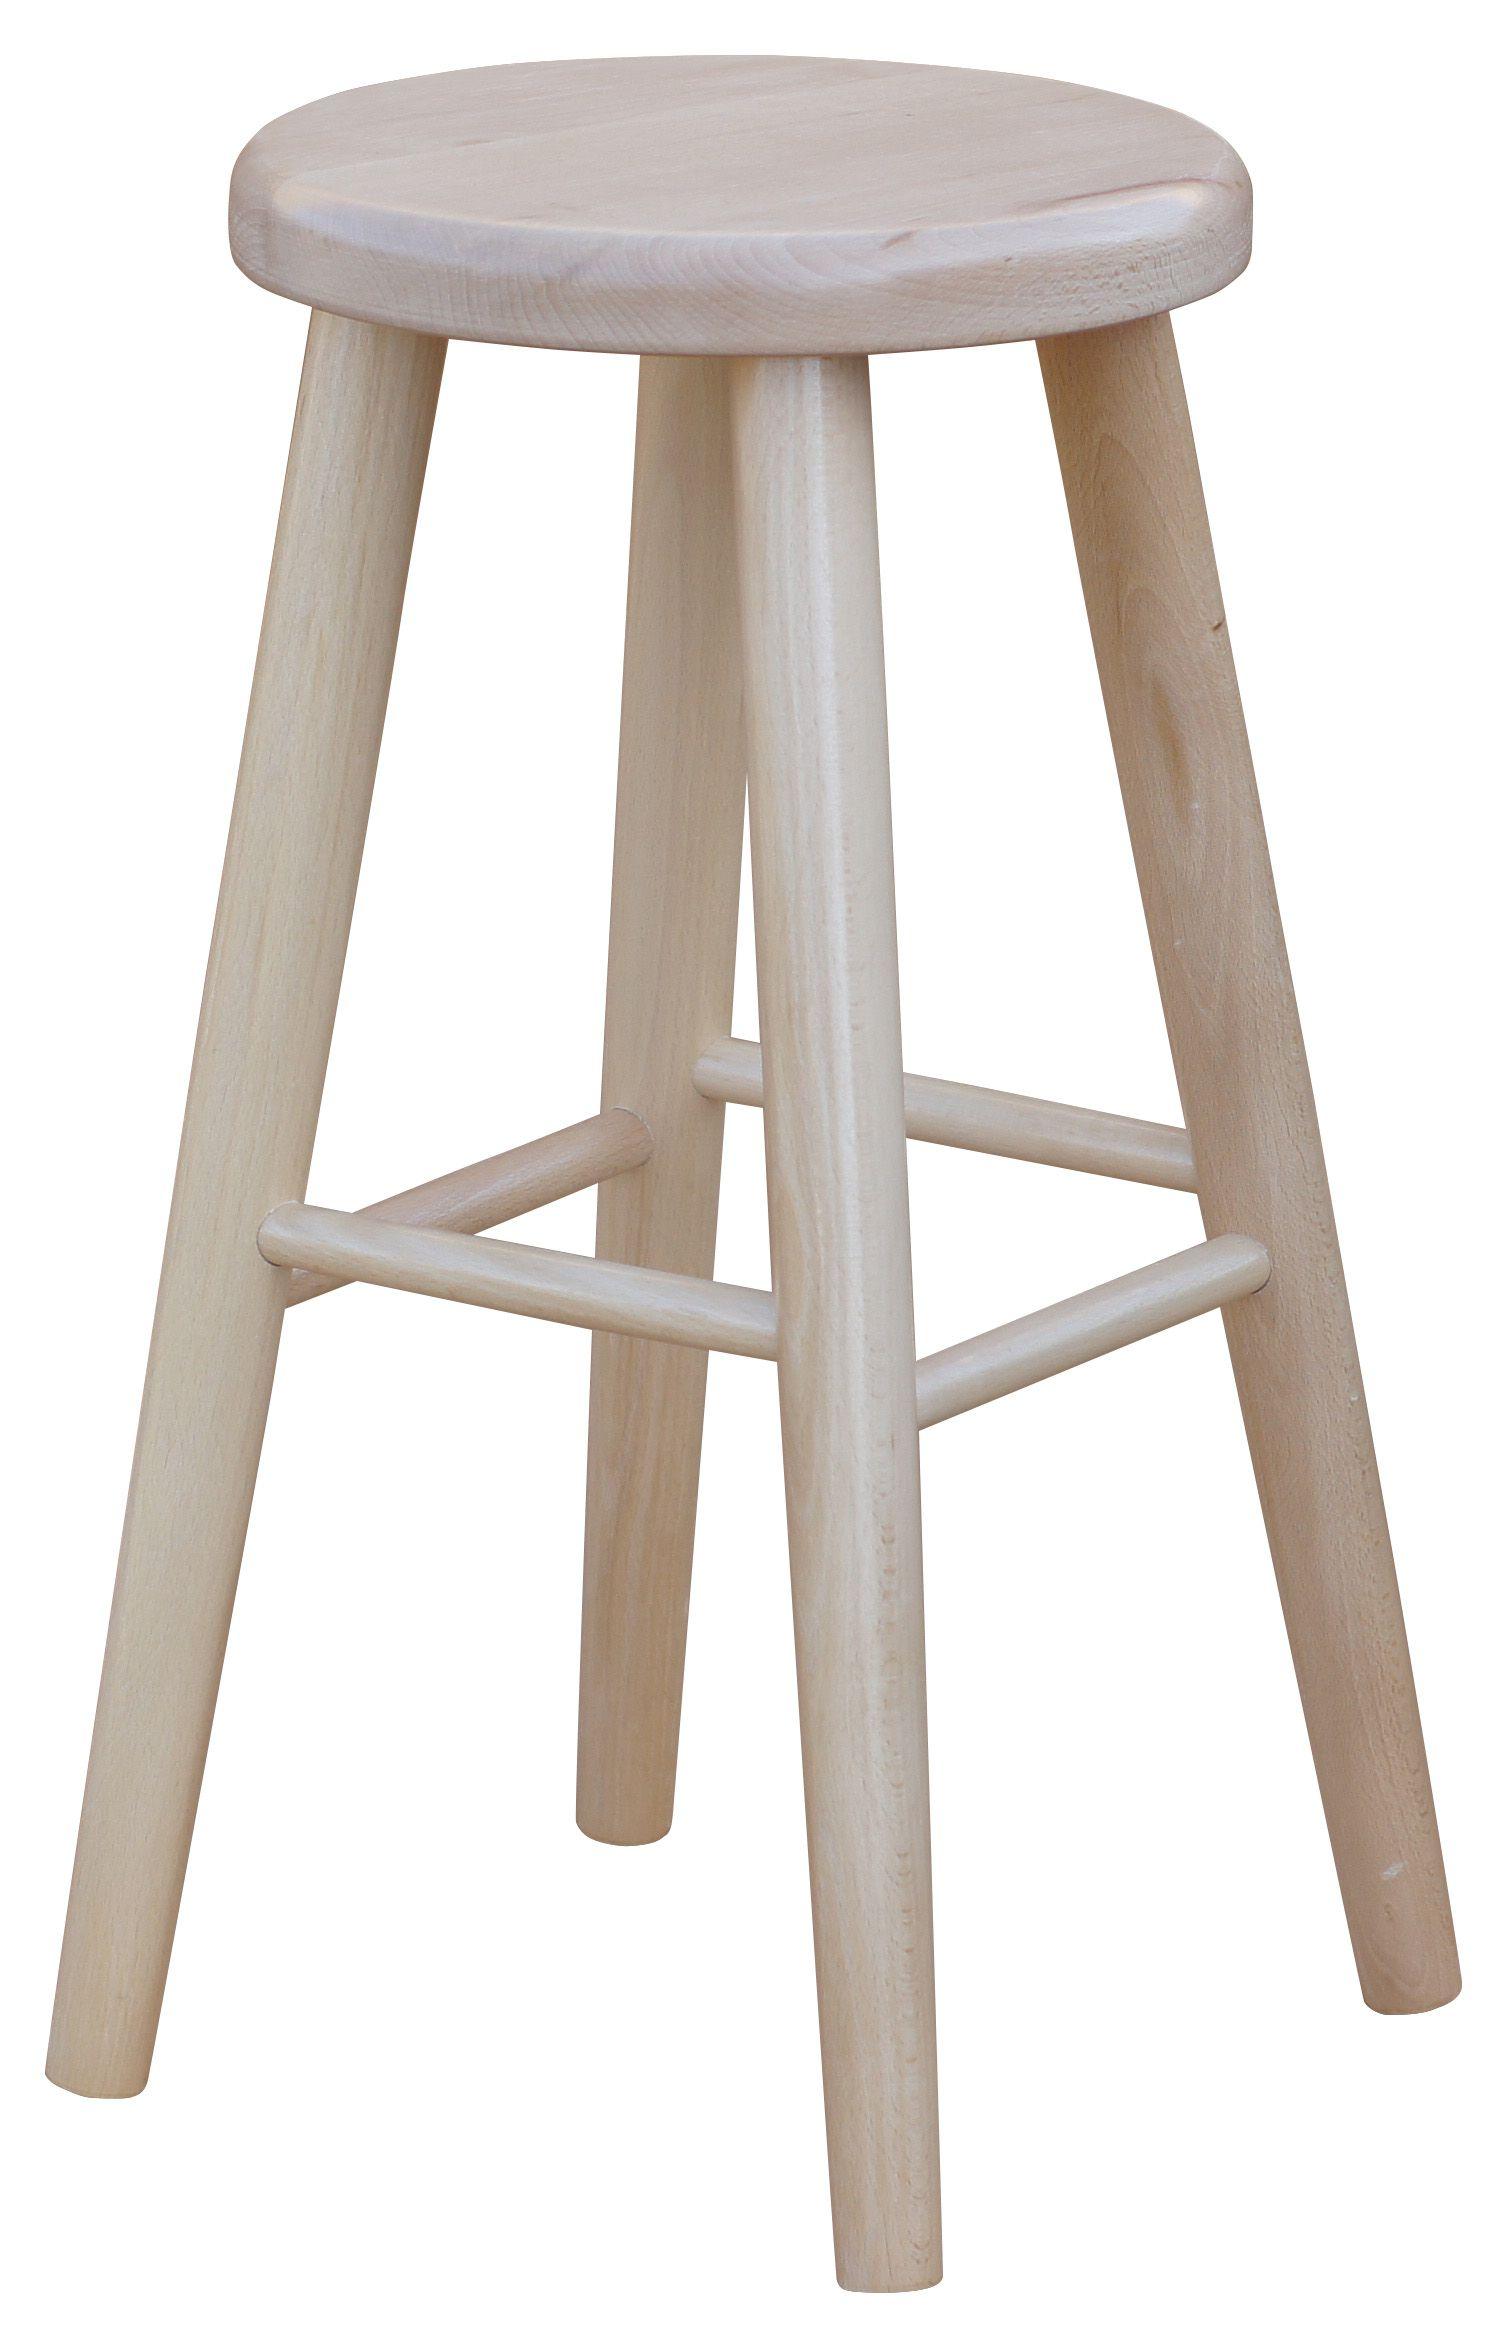 Awesome Barstuhl Messing Beistelltisch Modernes Design Minimalismus Design Minimalist Decor Designer M bel